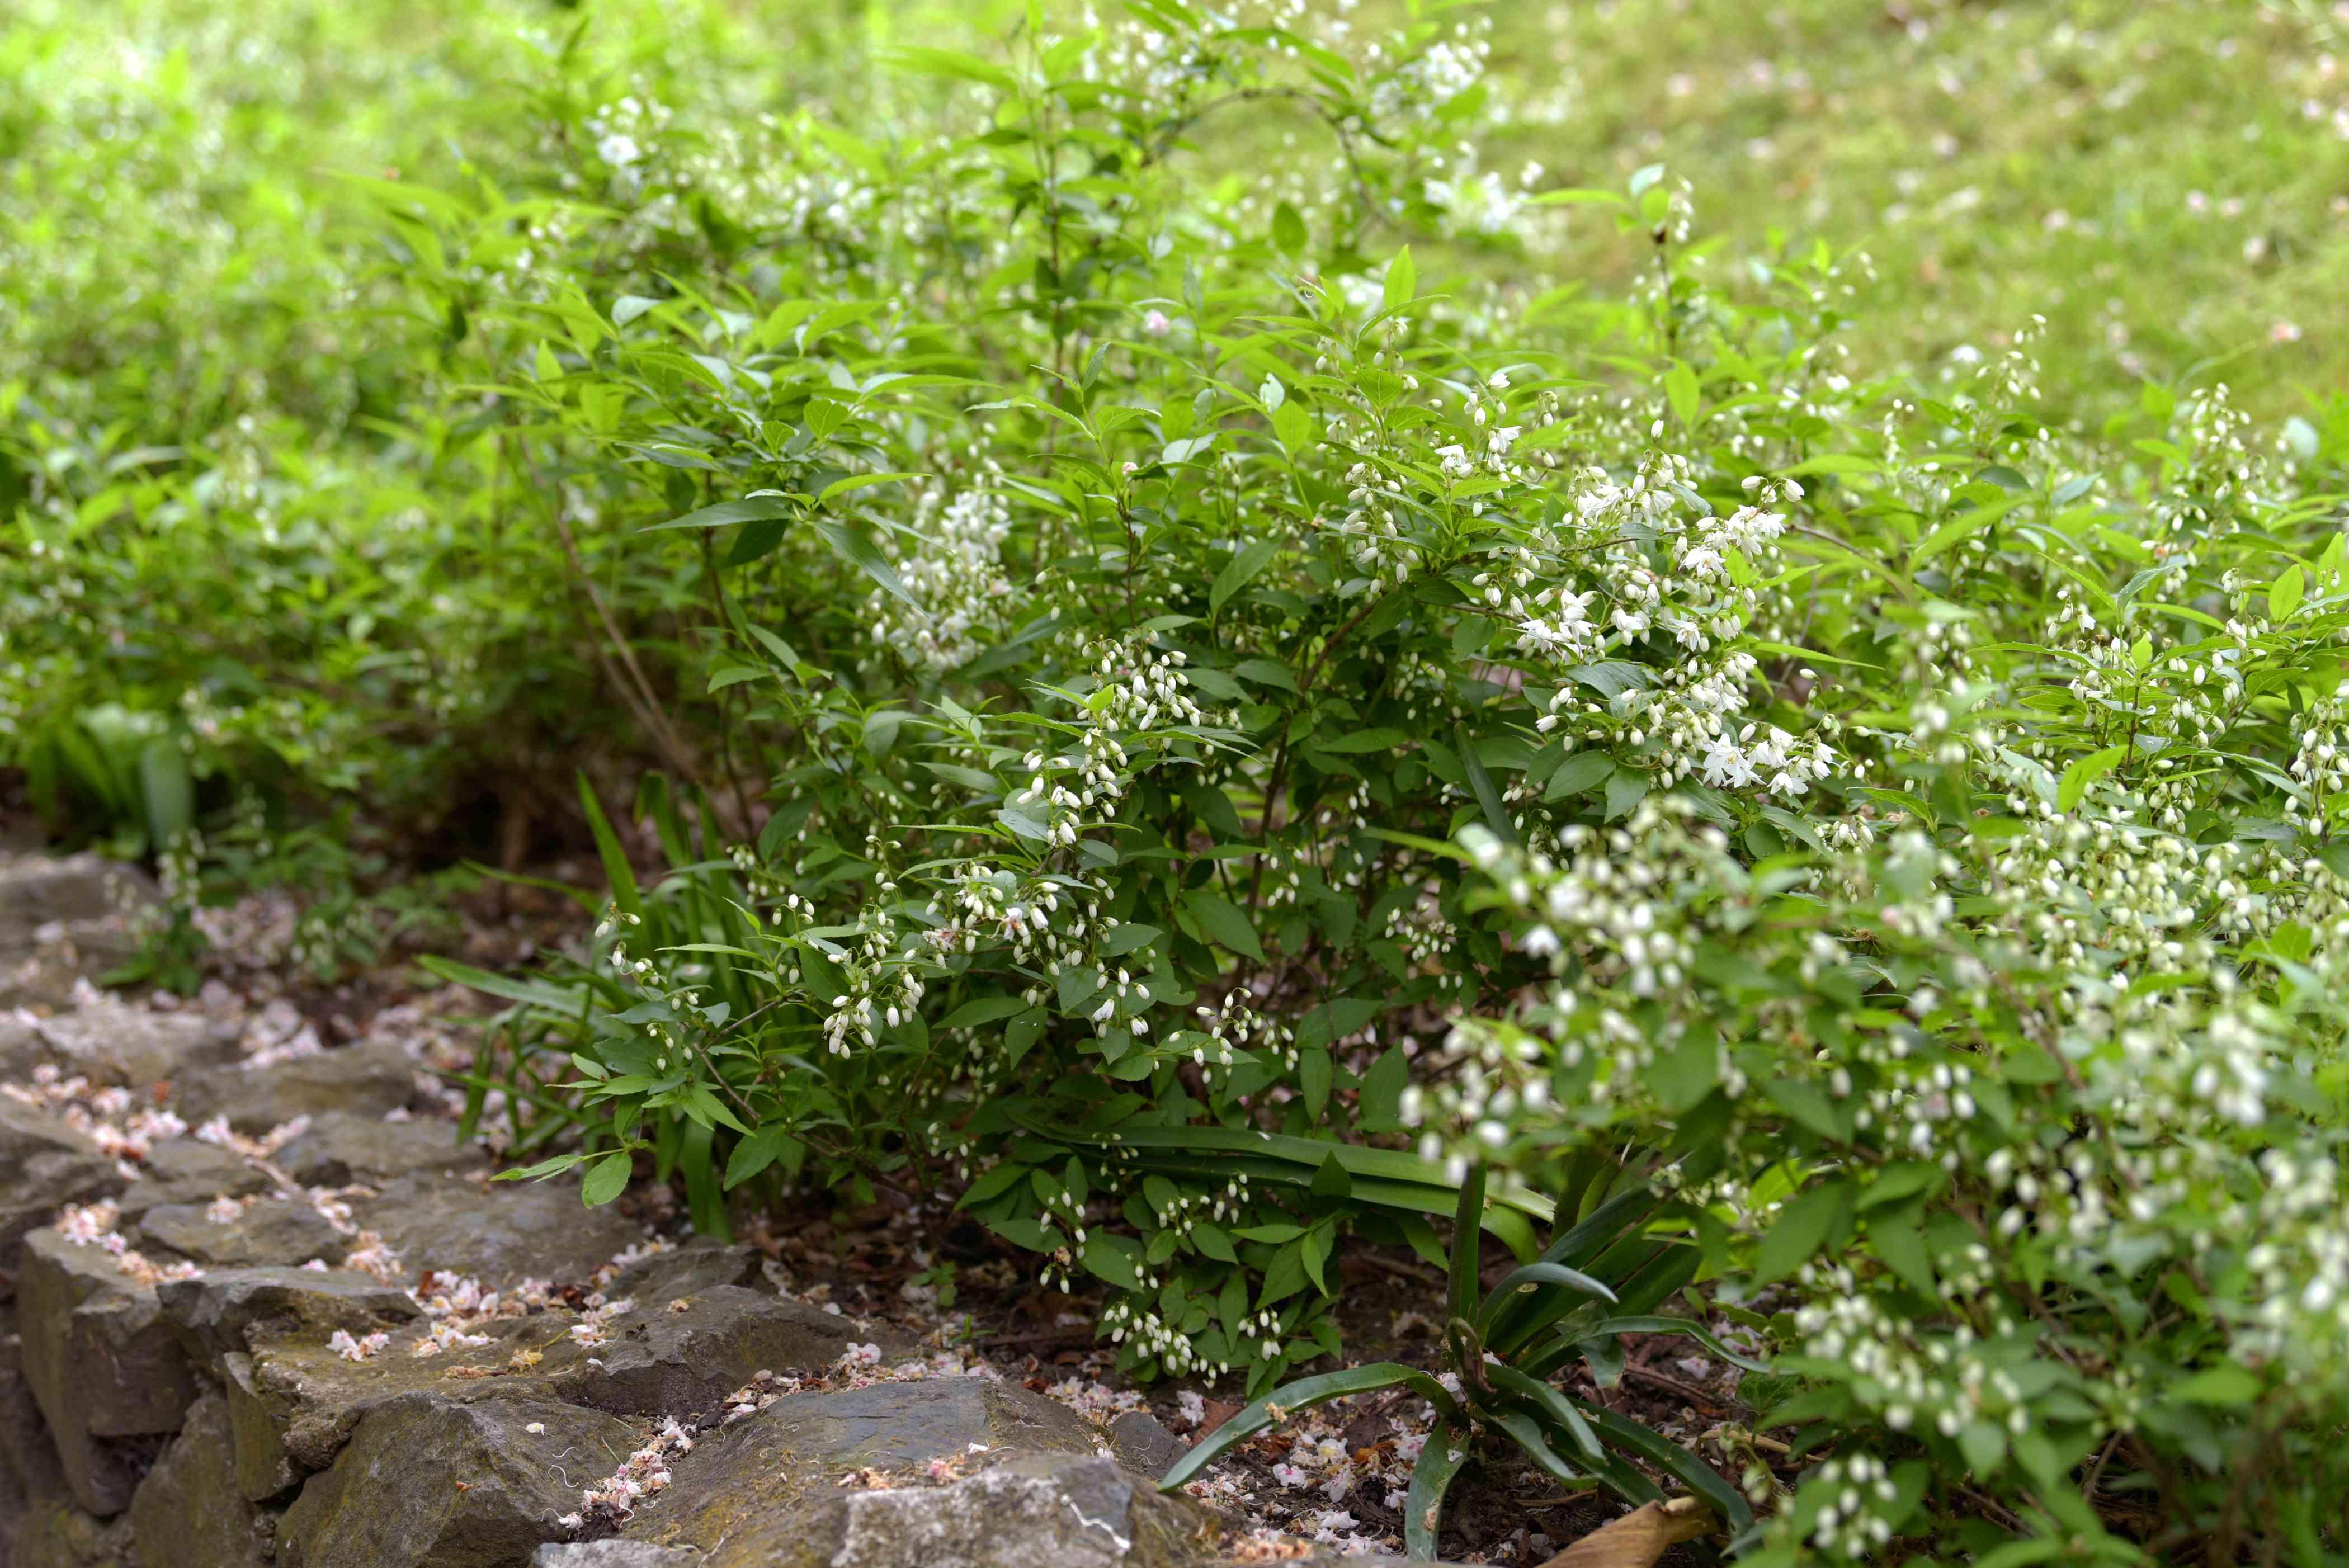 Dwarf Deutzia 'Nikko' shrub on stone ledge with small white flower blooms